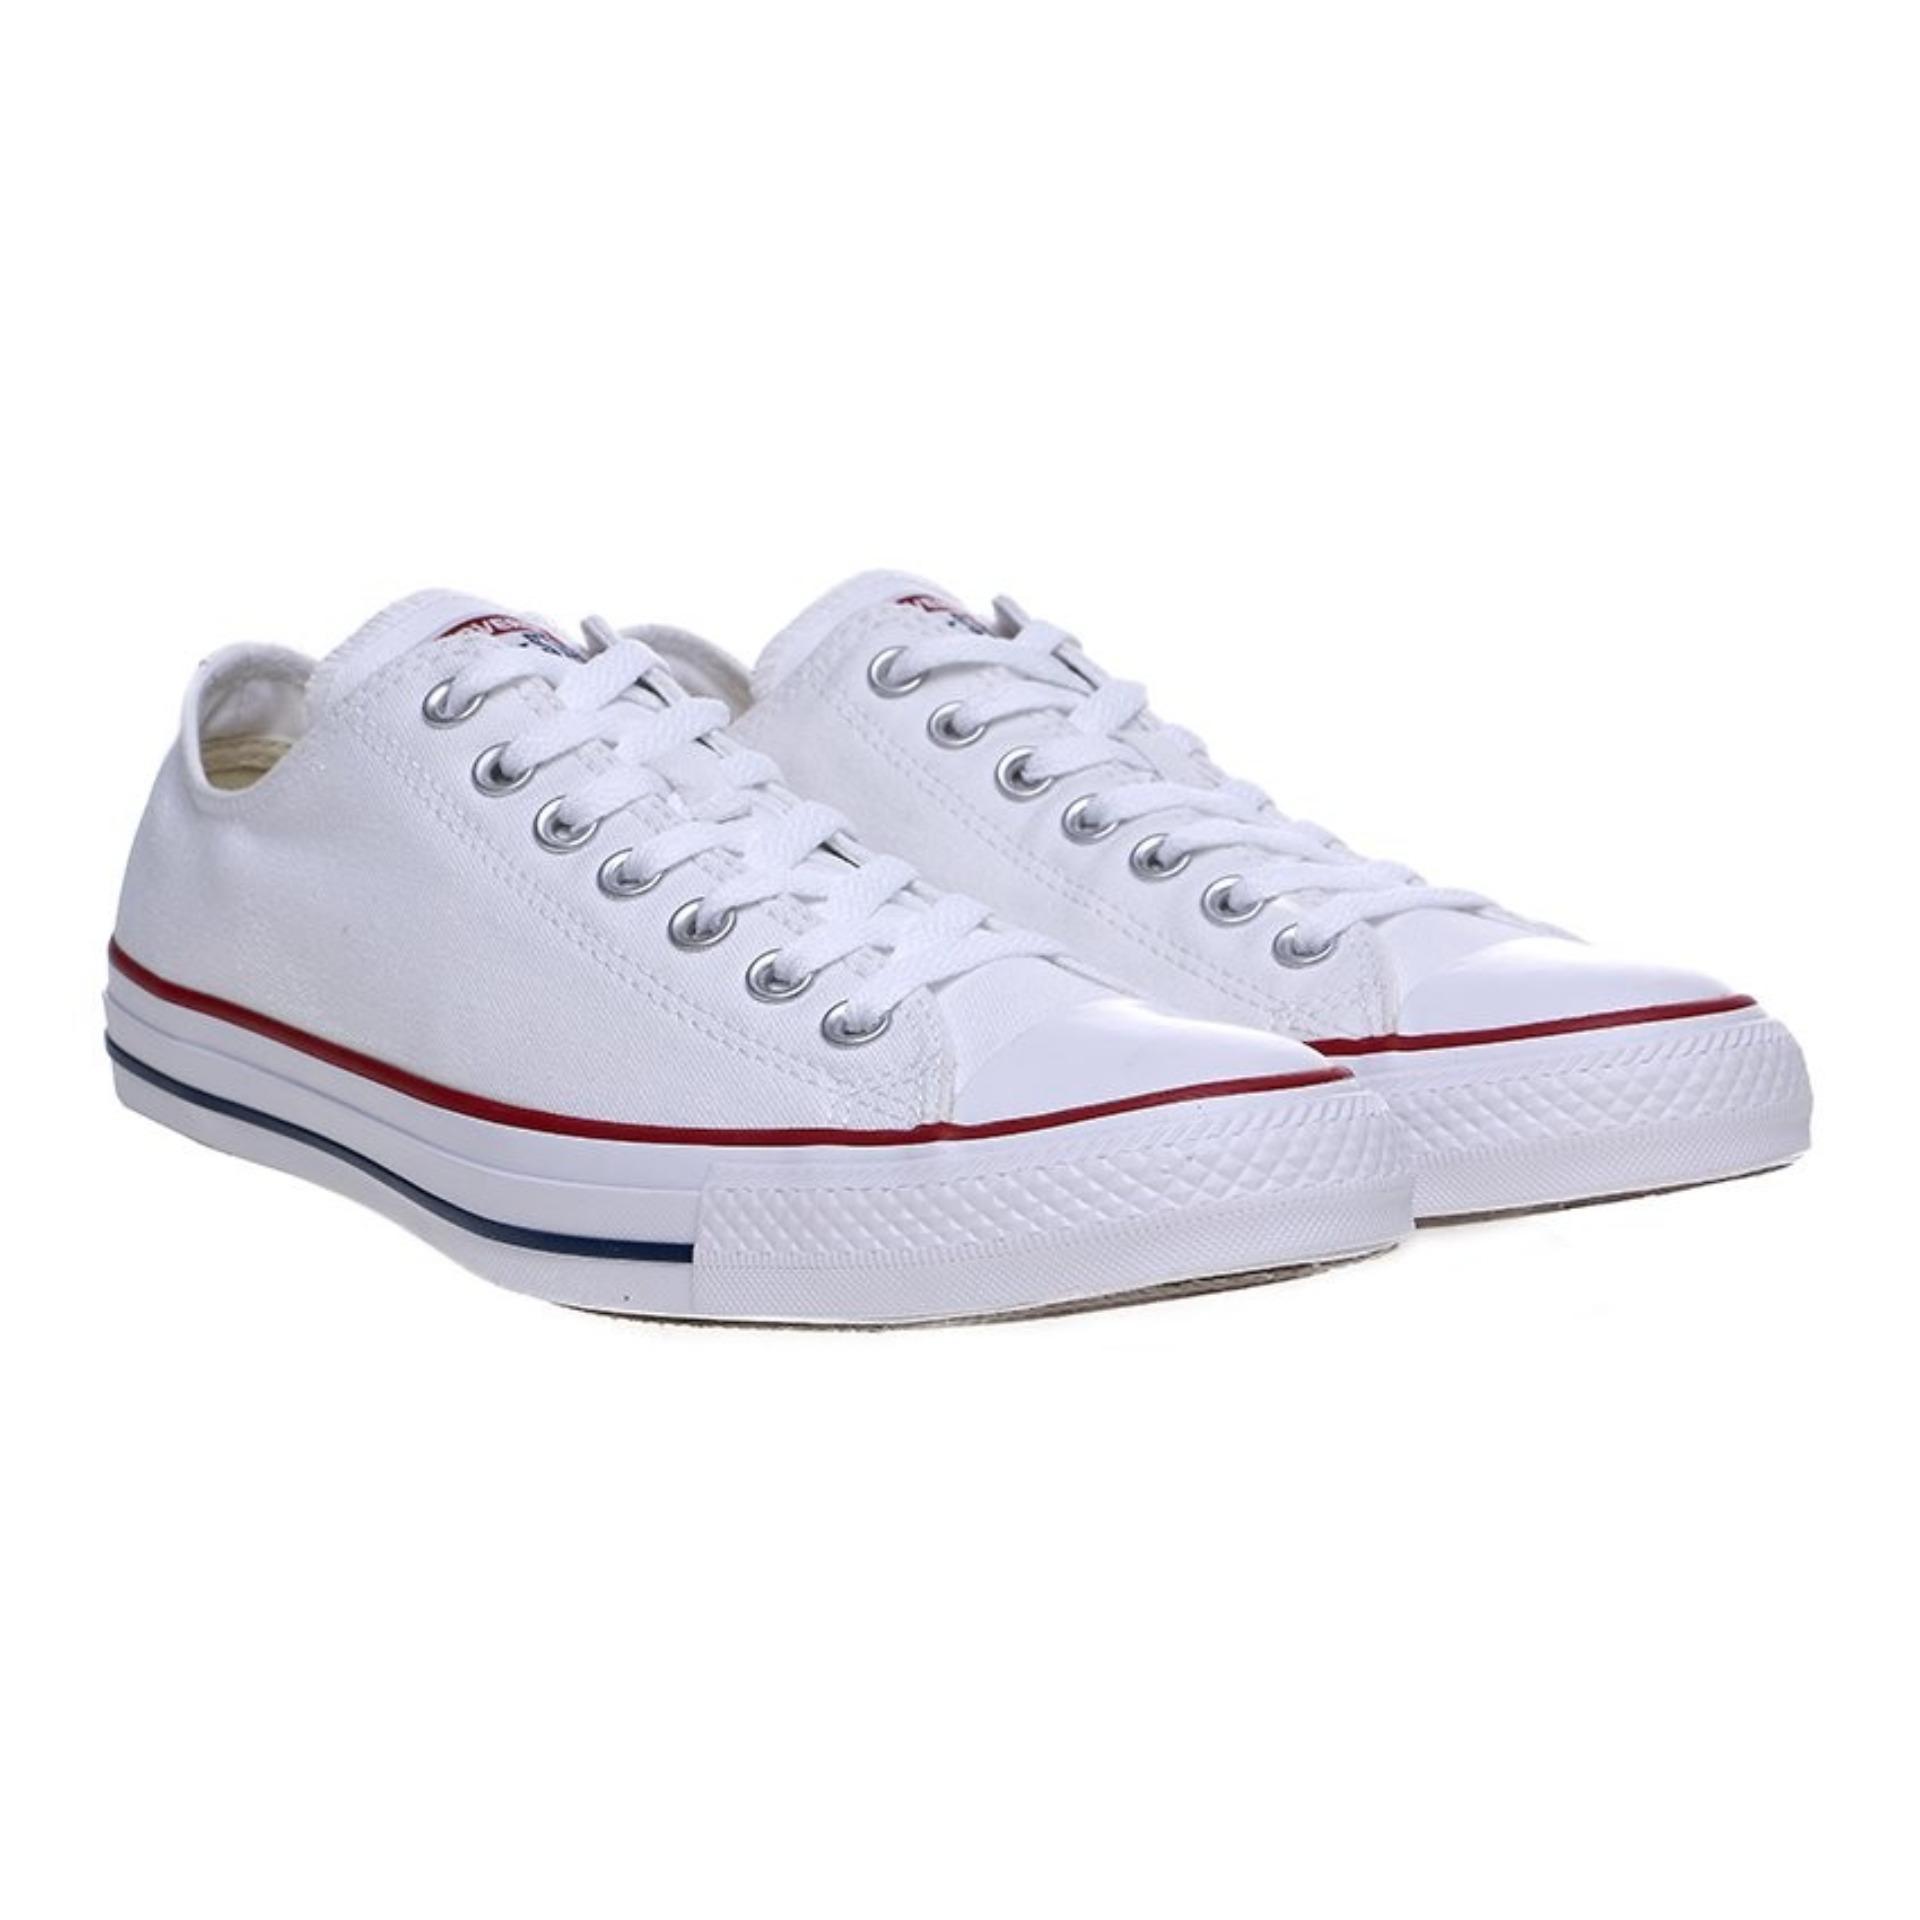 8d4fd3a592f8 MURAH Sepatu All Star Sneakers FreeStyle Unisex - ABU CT - SEPATU ...